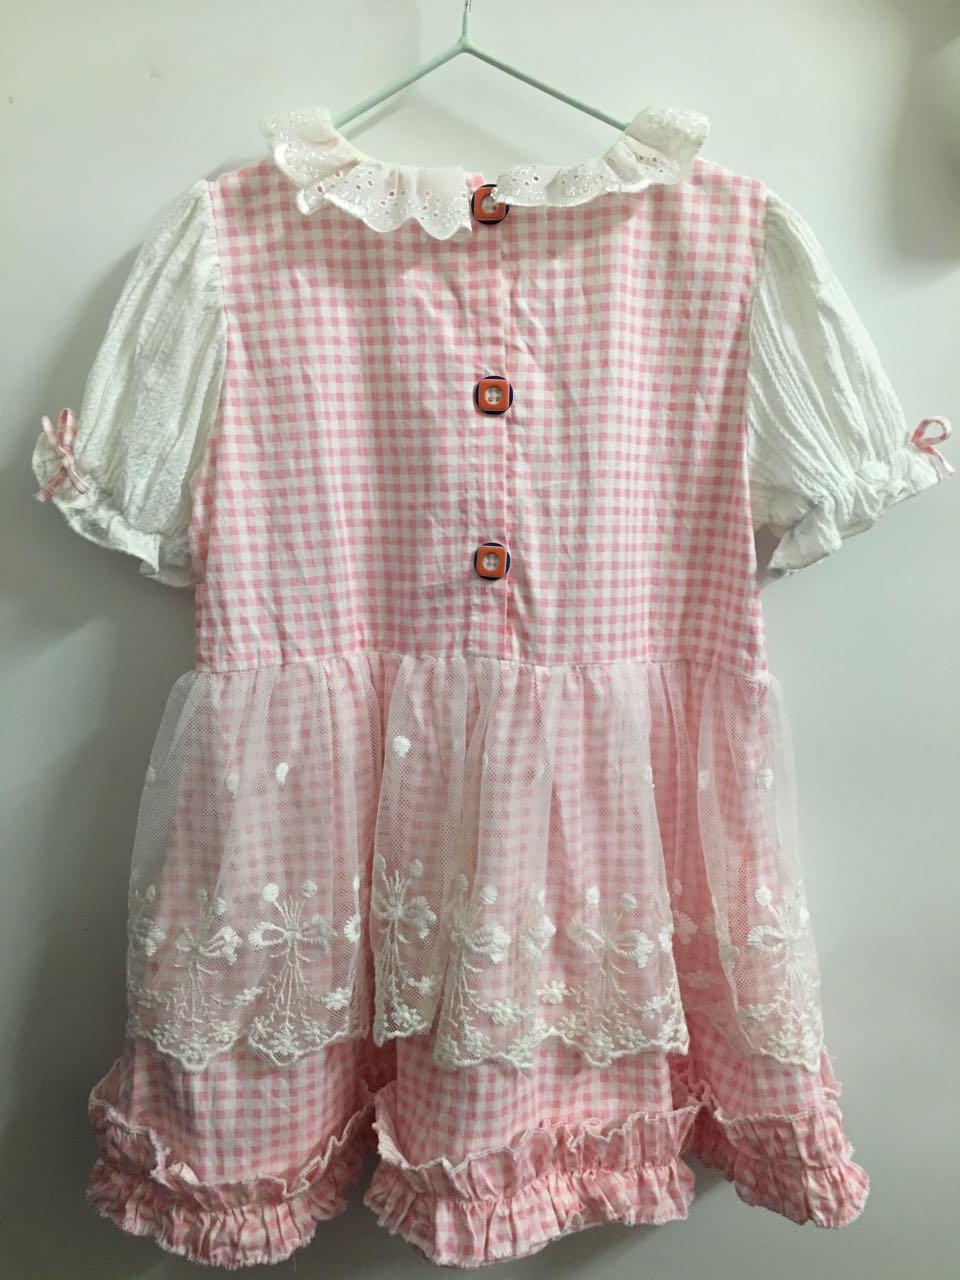 粉嫩粉嫩的小裙子